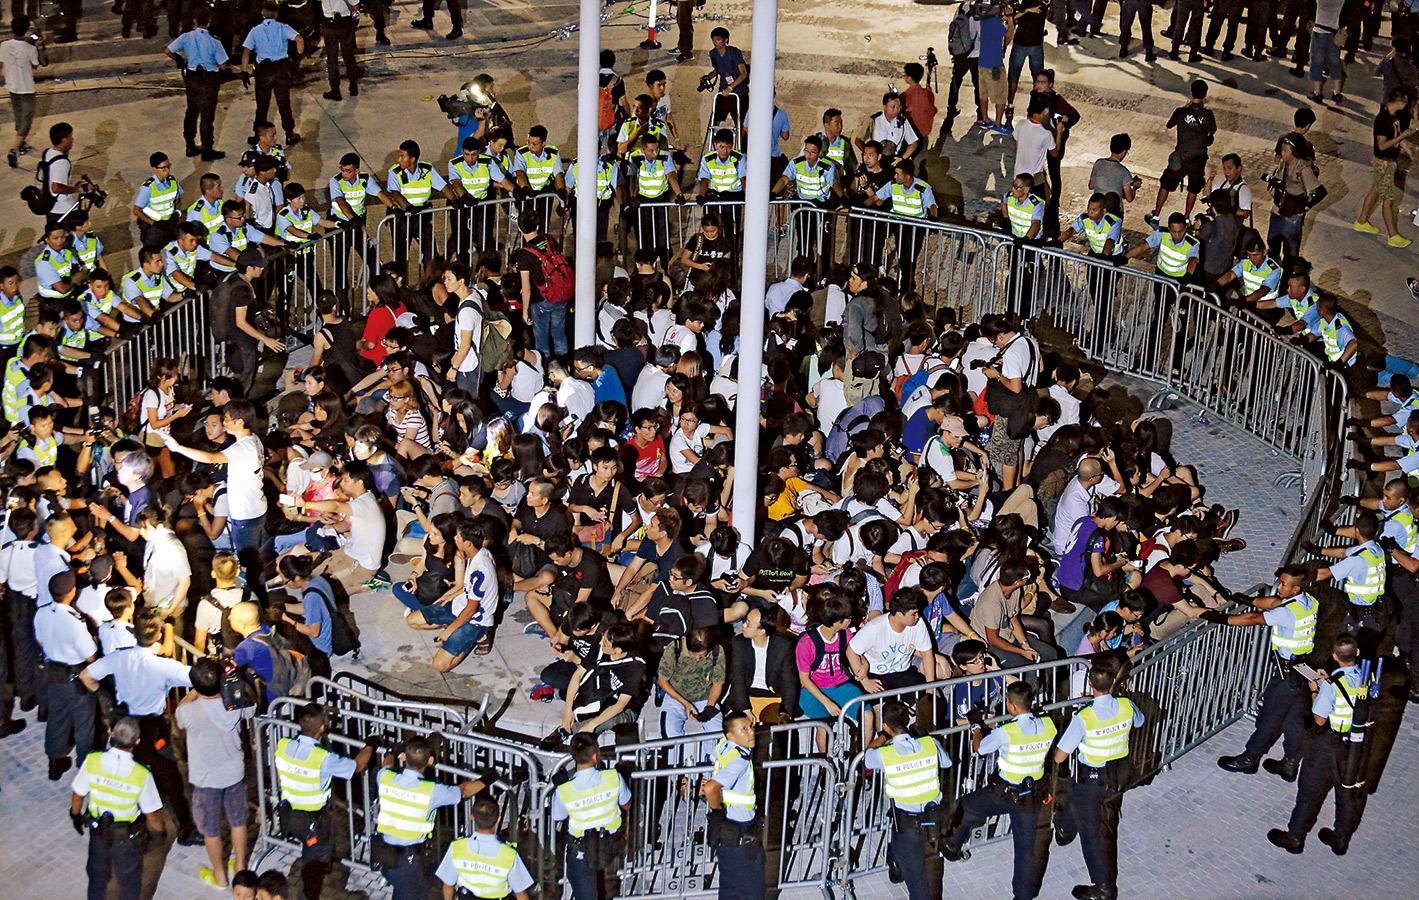 香港學生罷課前期,政府採取強勢作風